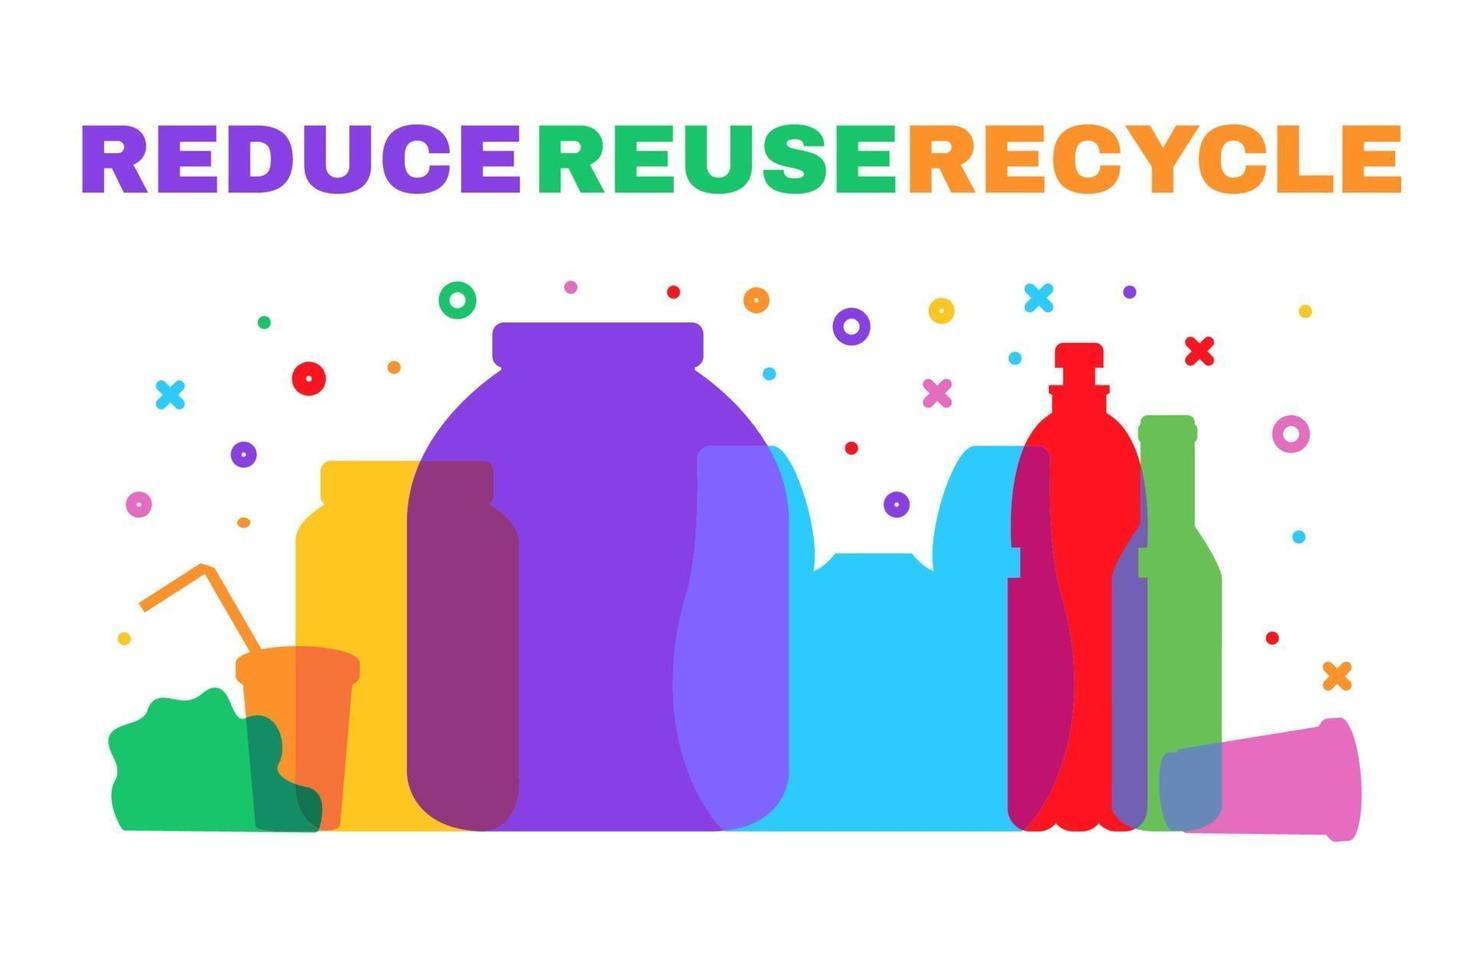 ridurre i rifiuti di plastica e ordinare i poster della spazzatura vettore